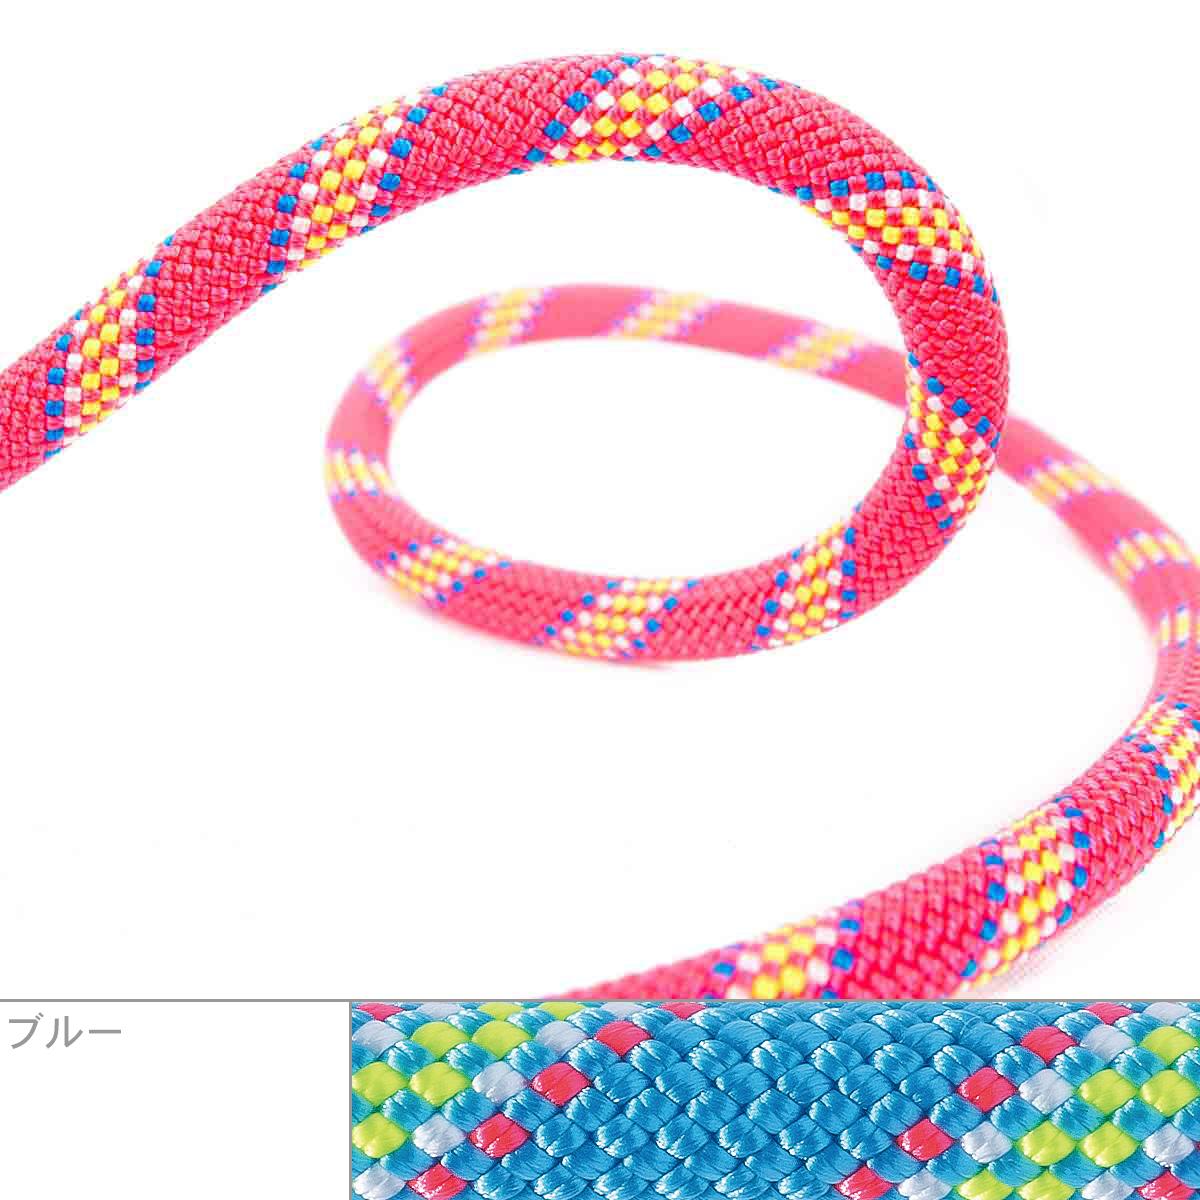 【ポイント3倍~11/29】ベアール9.5mmゼニス 60m  シングルロープ